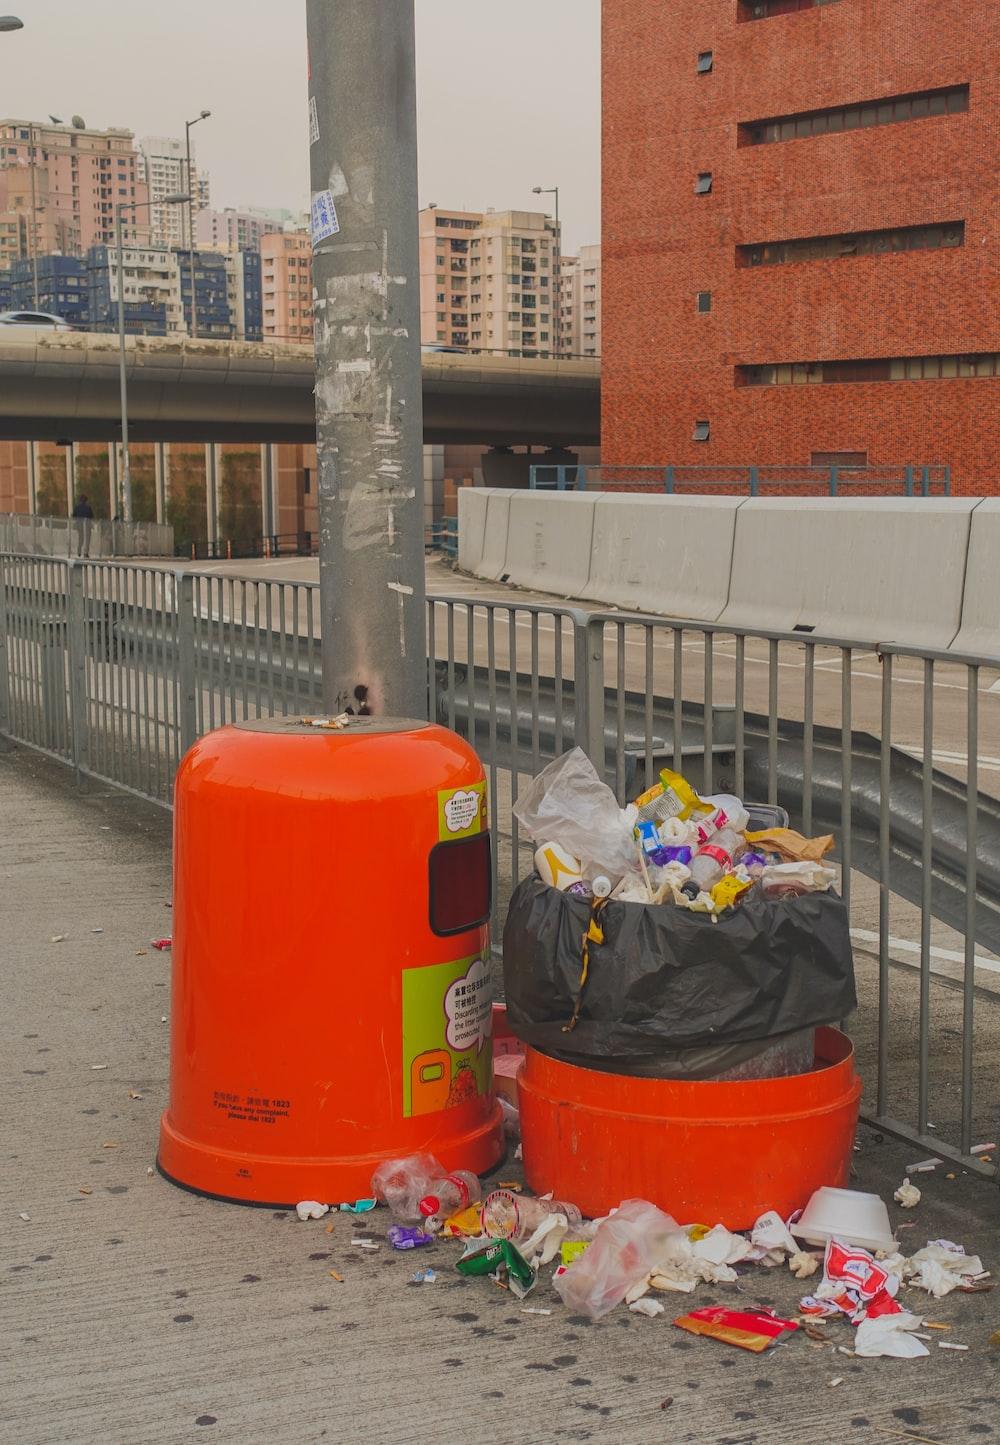 orange plastic container